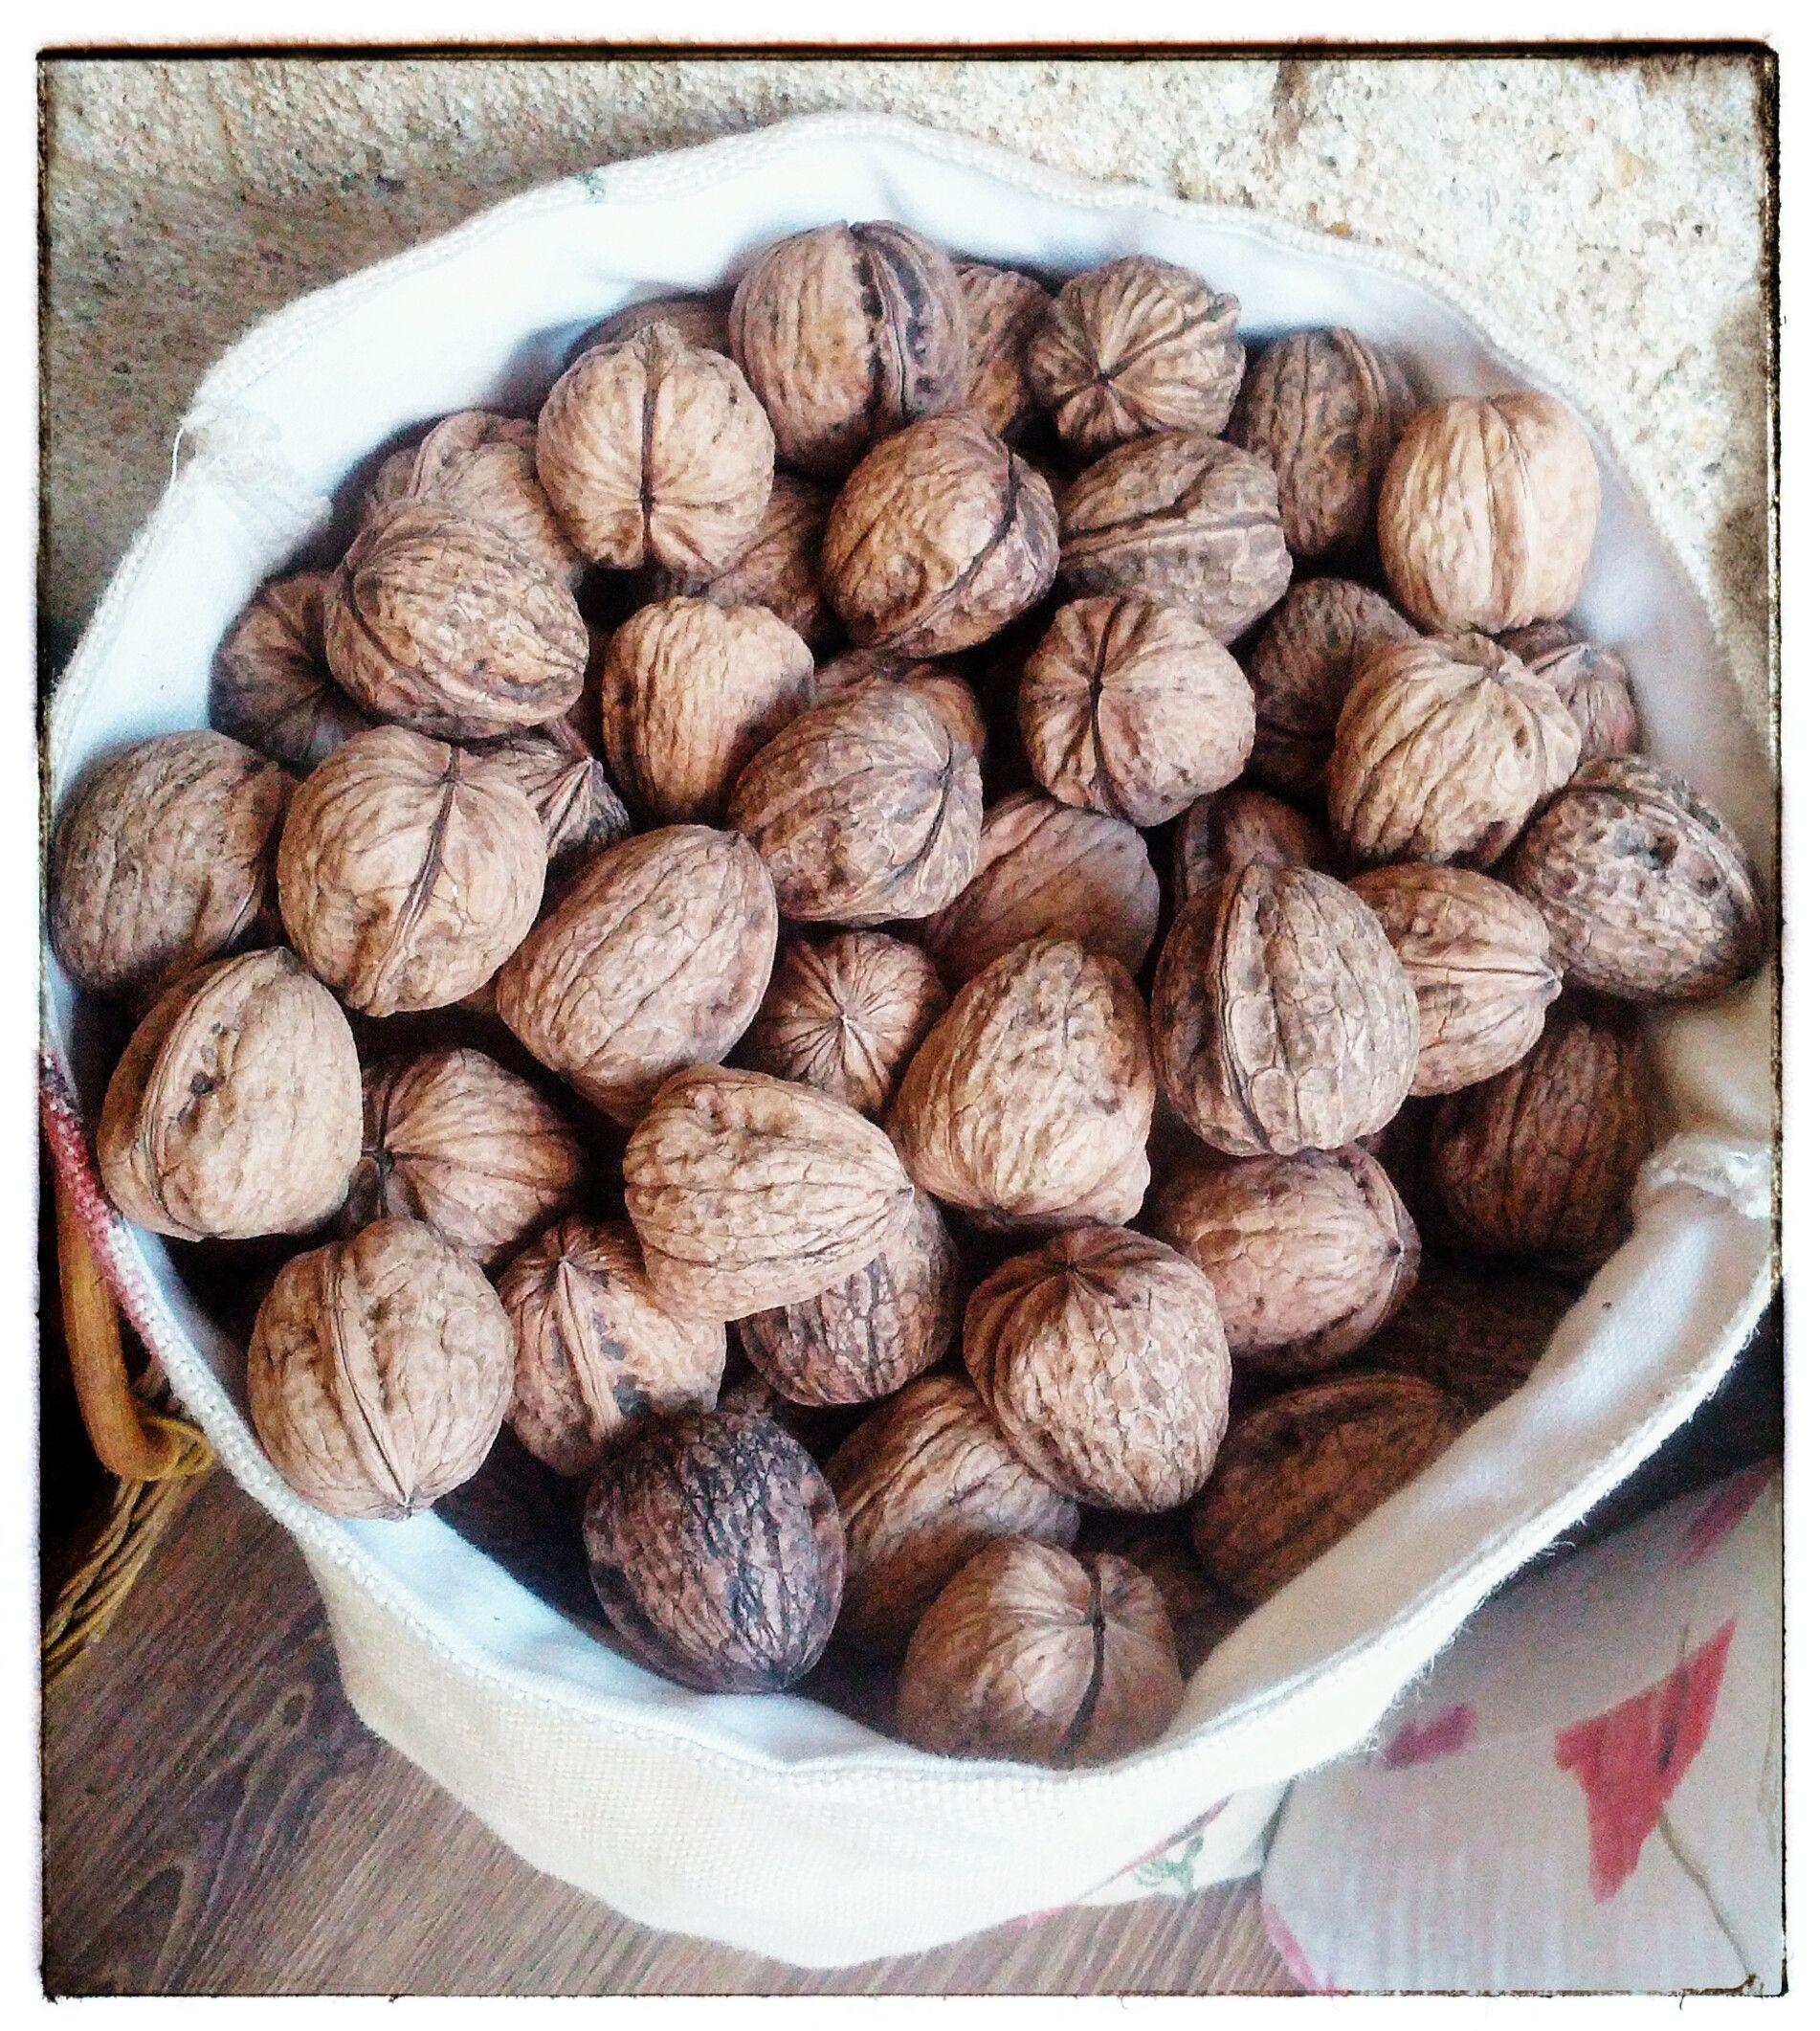 Imagen de nuestras nueces ibéricas, disponibles en nuestras tiendas Bomboneka.